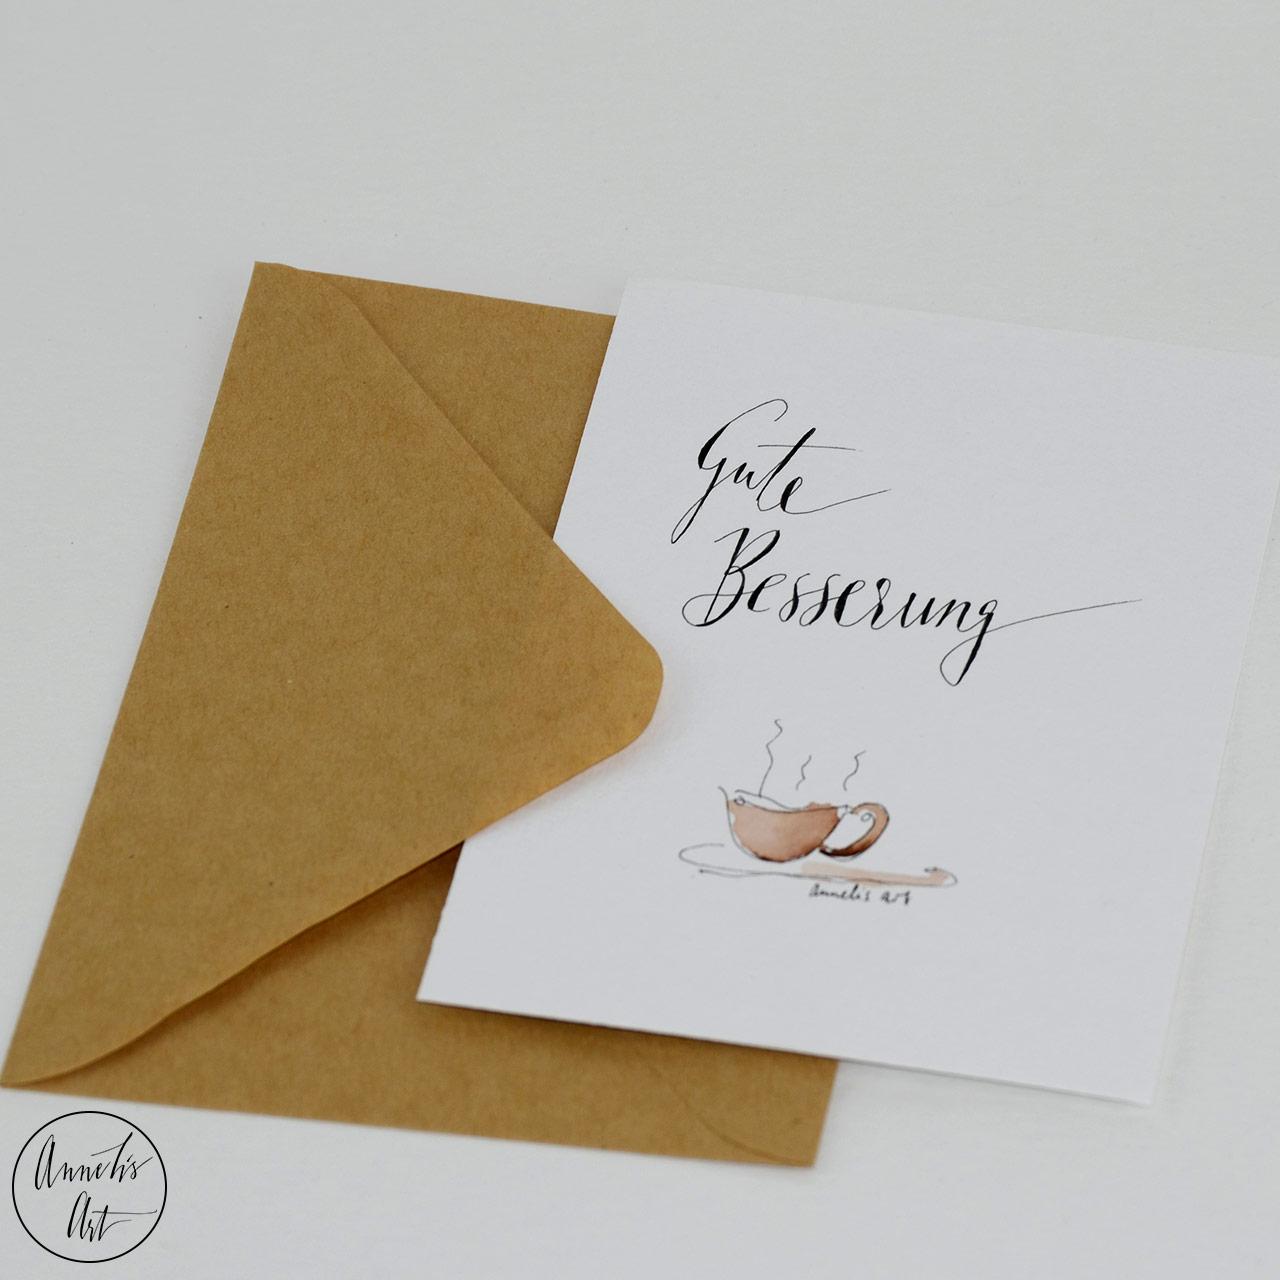 Grußkarte | Klappkarte mit Umschlag - Gute Besserung, Teetasse